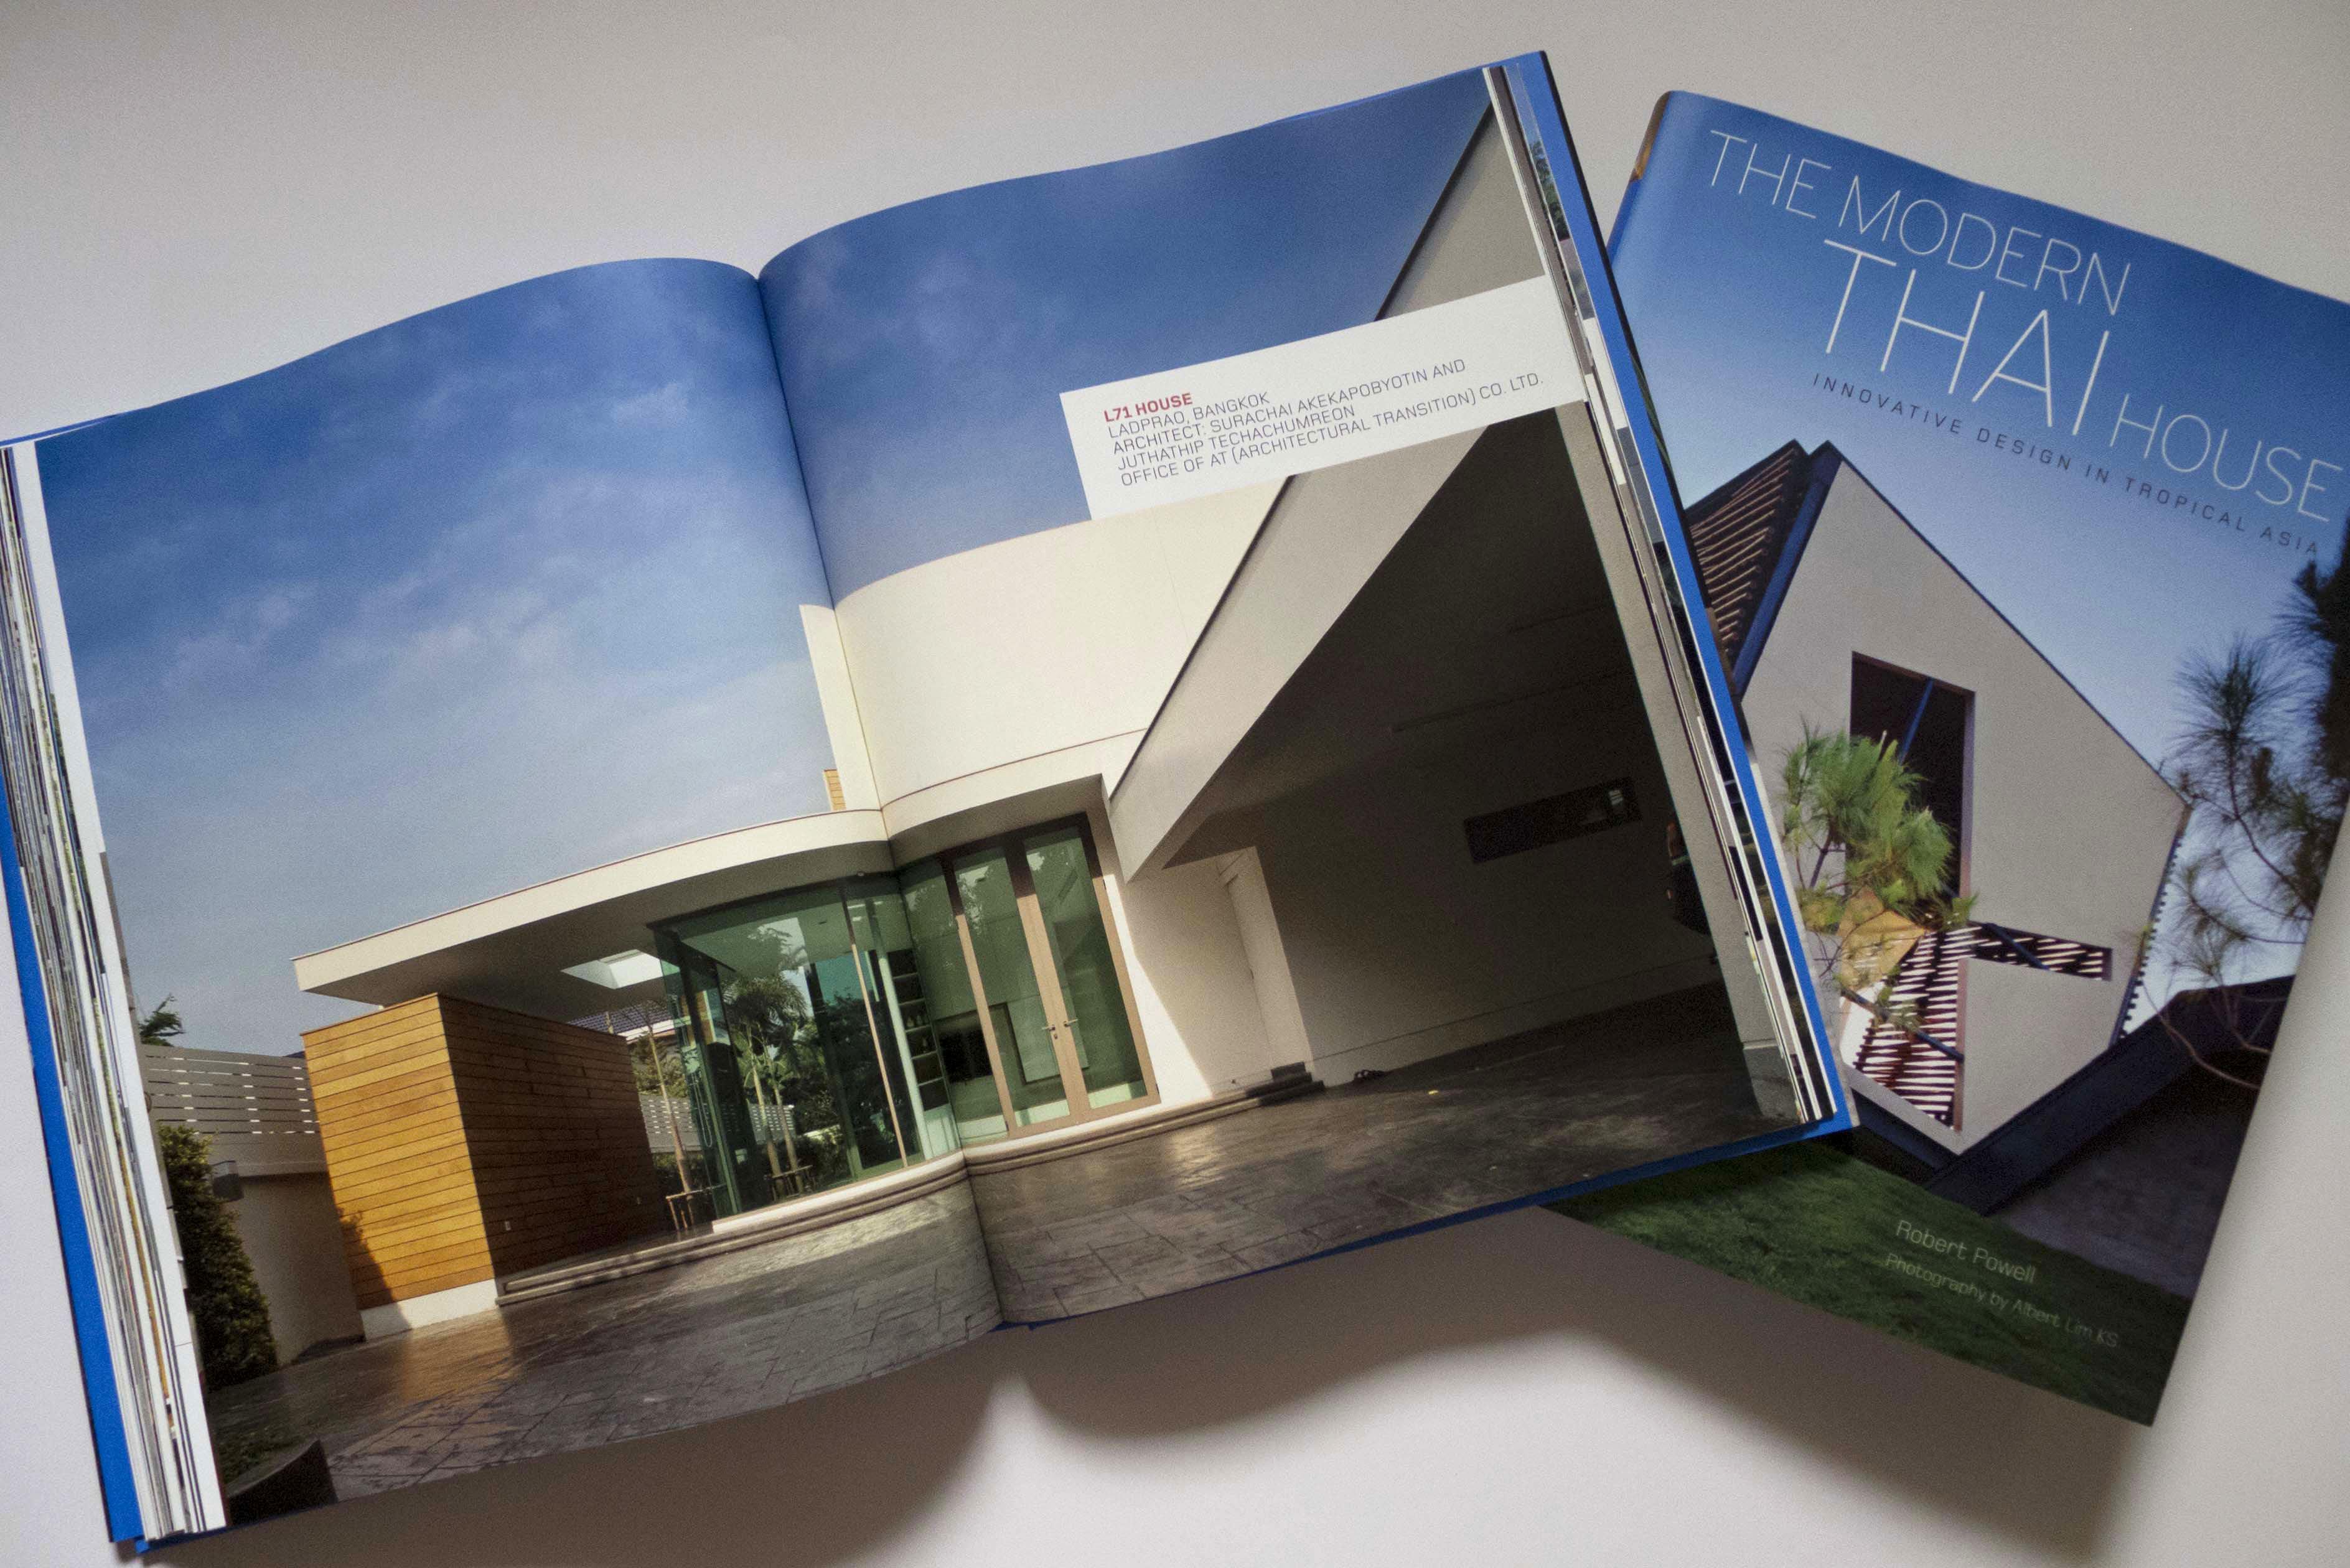 ^ Modern thai house architecture zionstar.net.com - Find the best ...